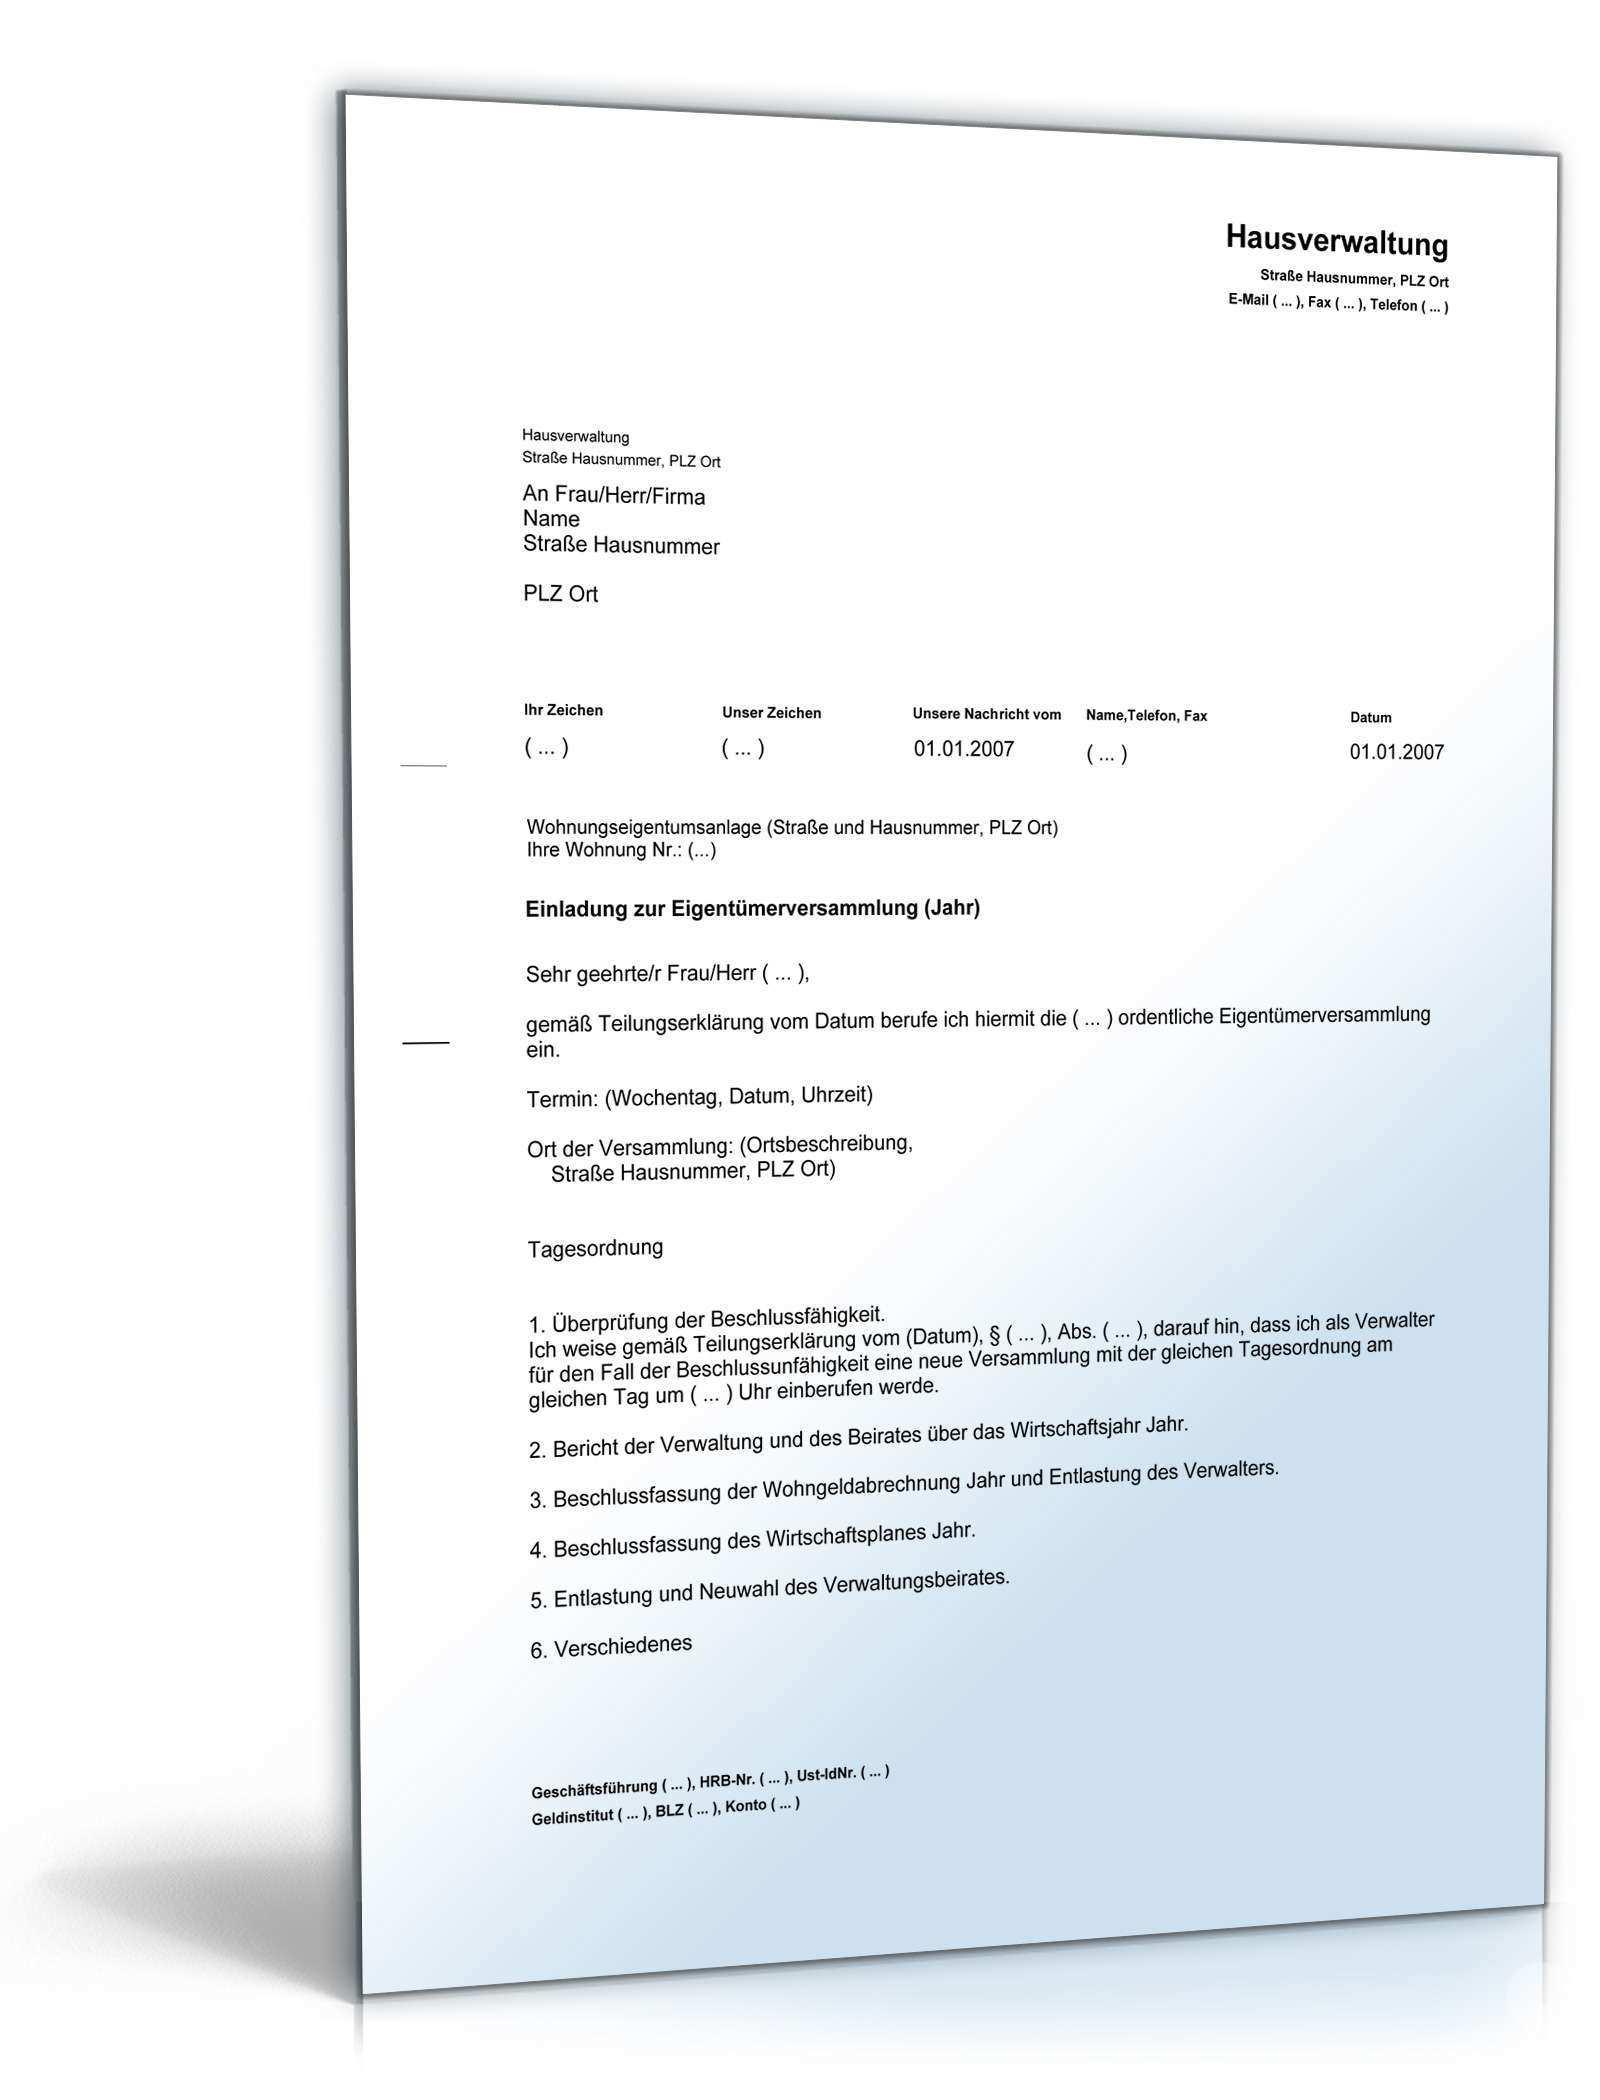 Einladung Eigentumerversammlung Vorlage Zum Download